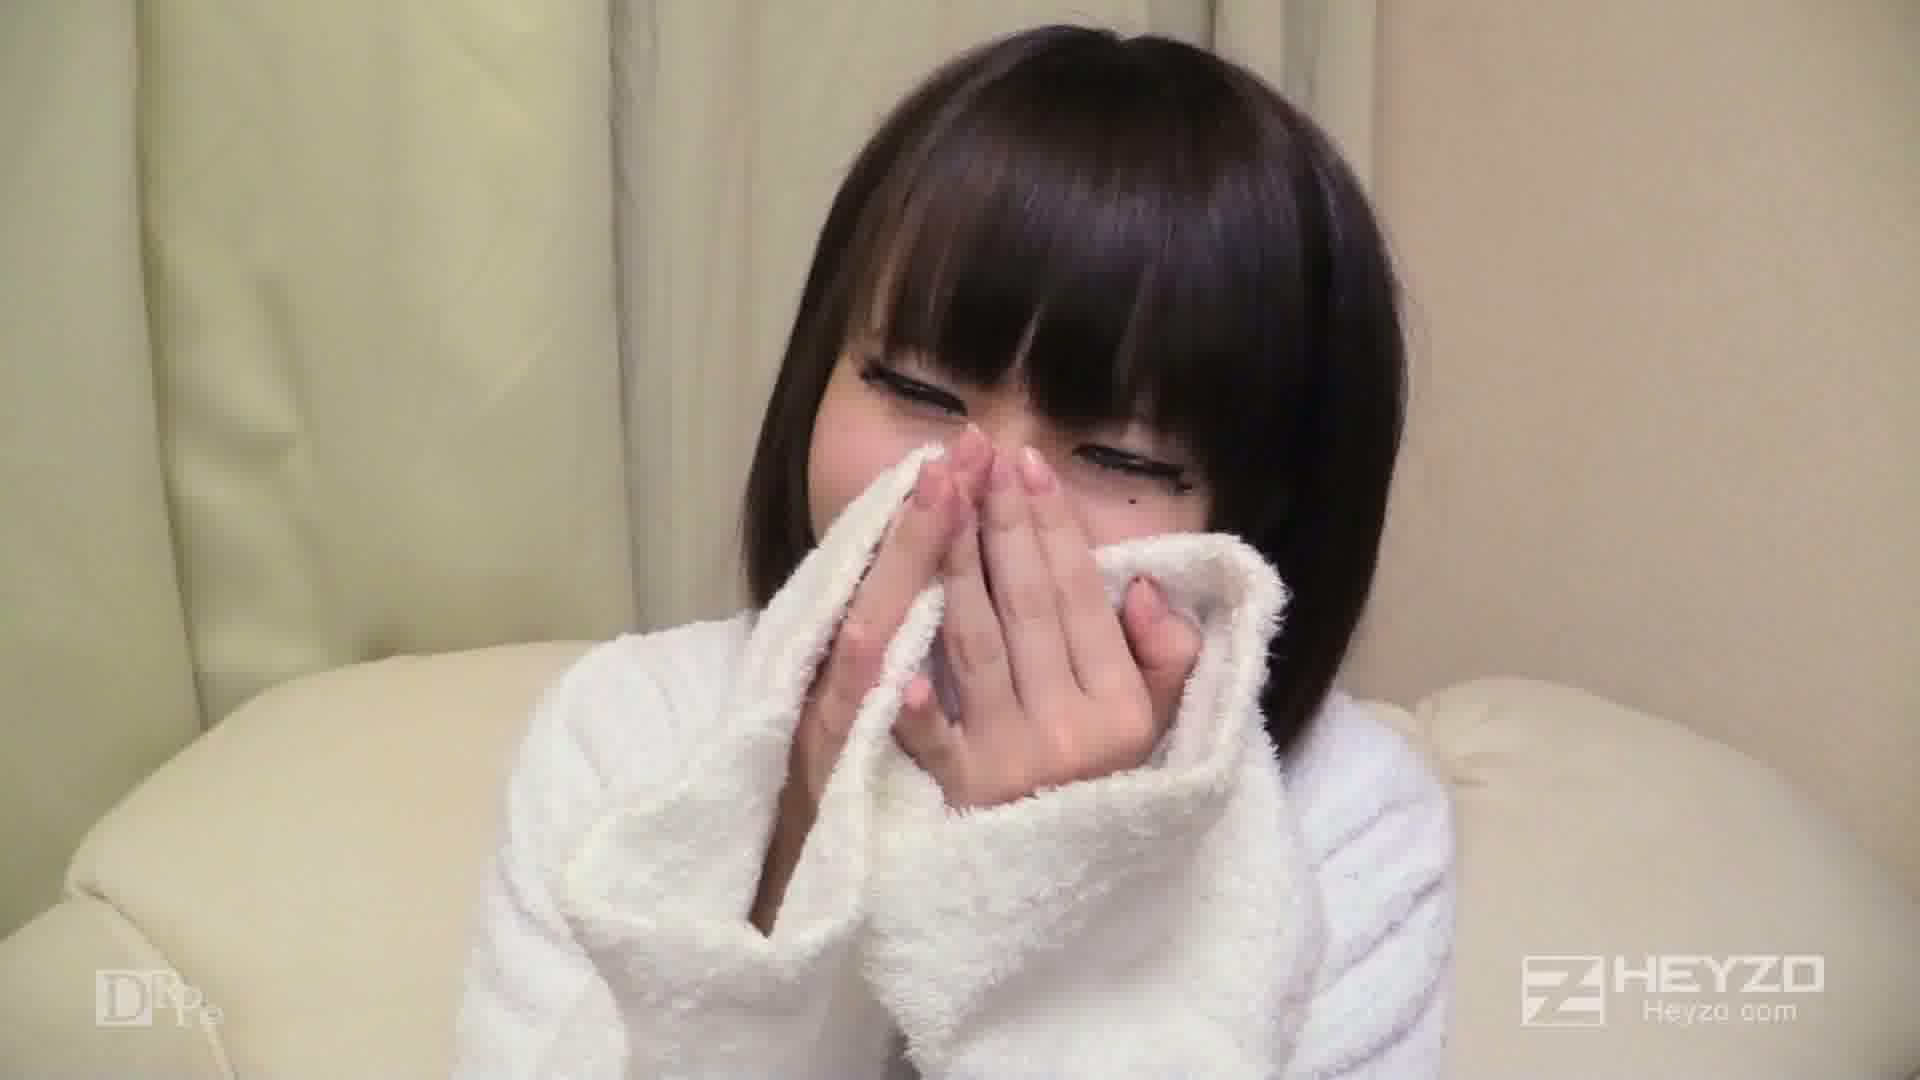 即撮影!AV面接3 前編 - 桜夜まよい【指マン オナニー ローター】